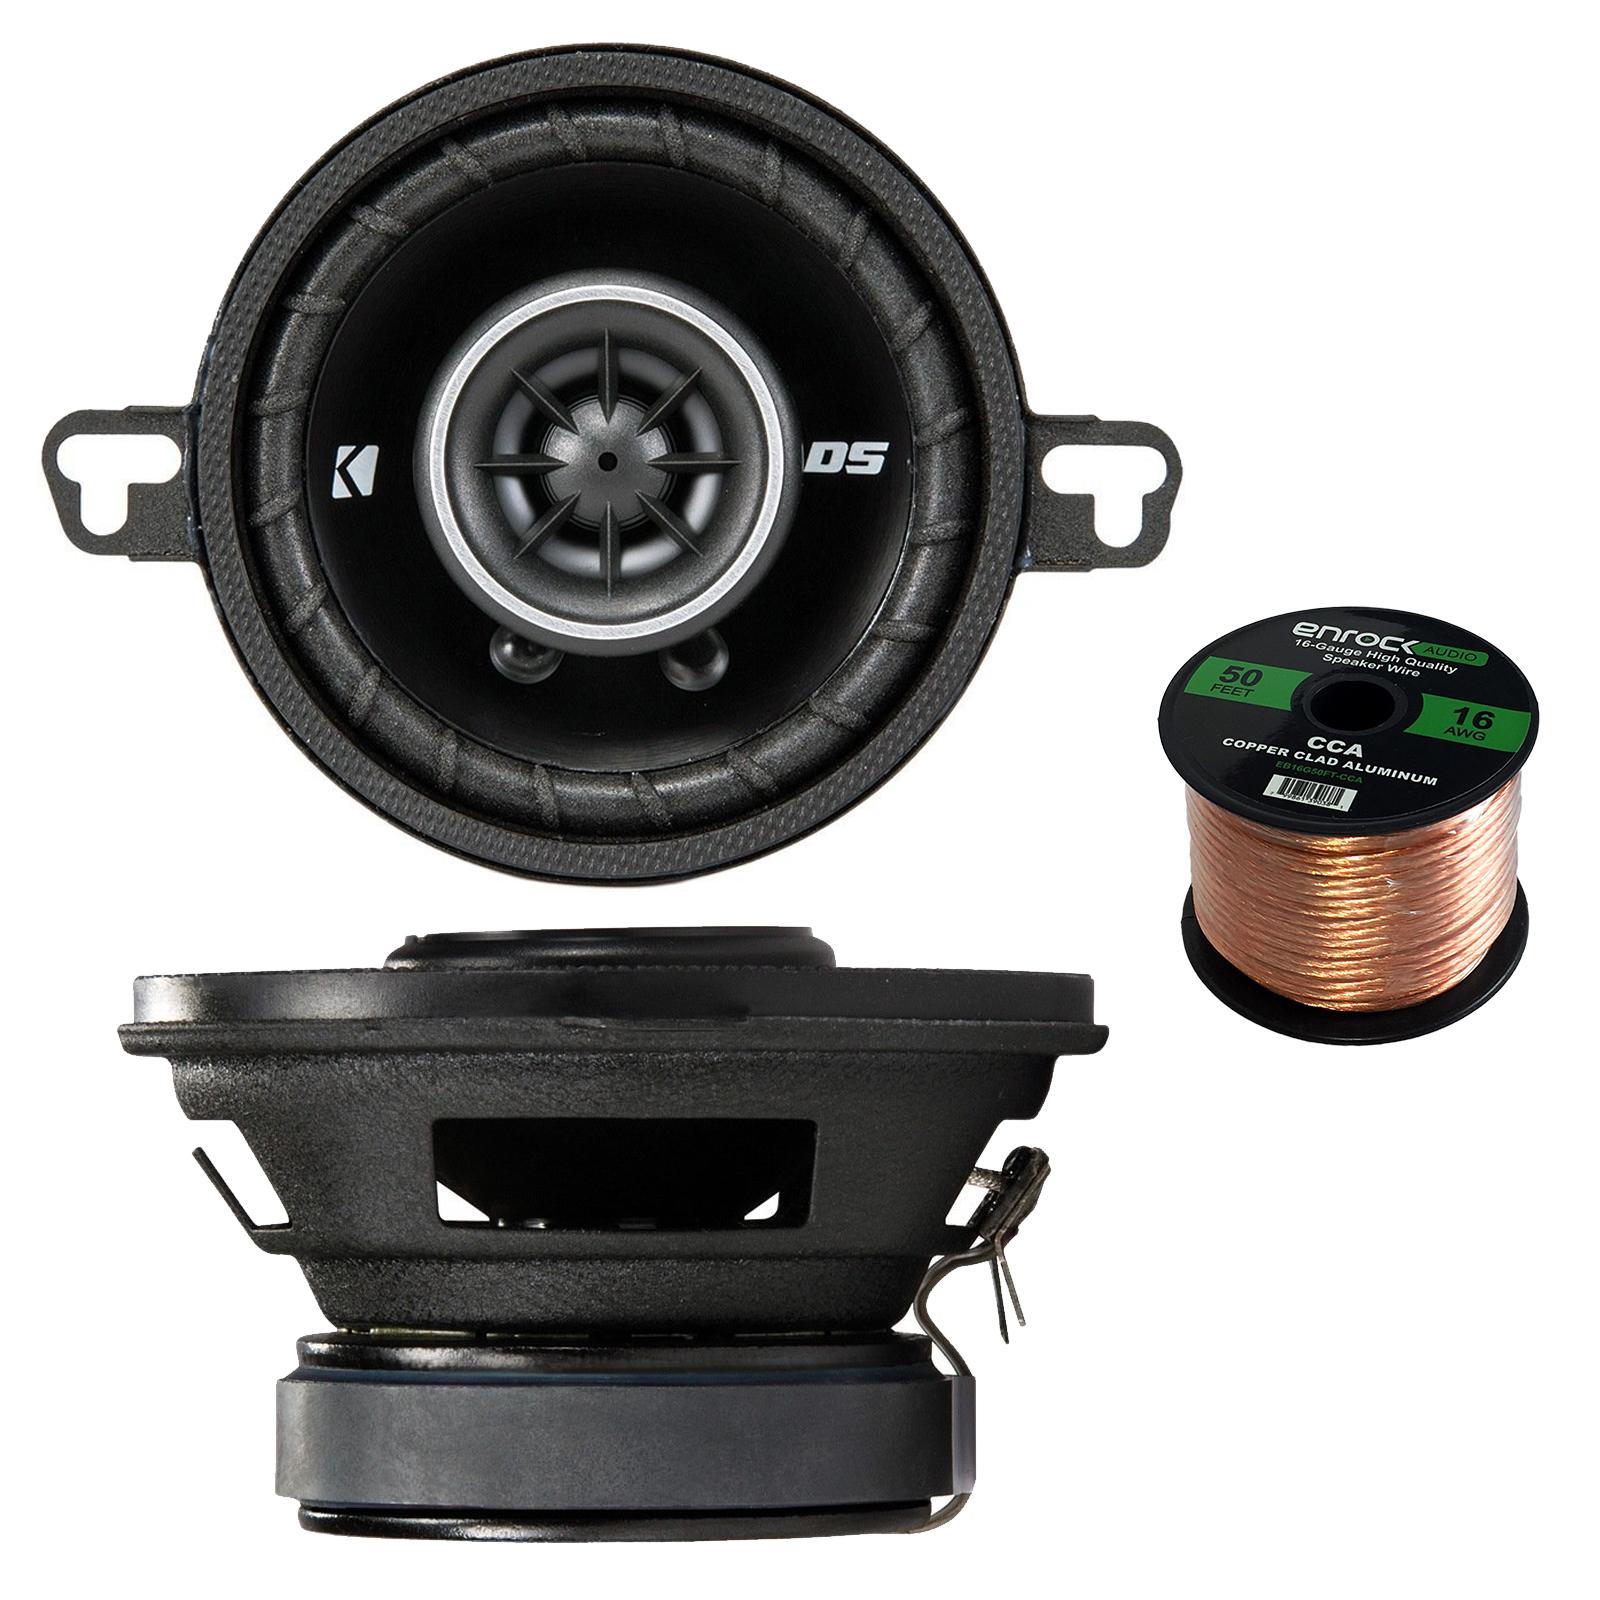 Car Audio Package: Kicker 43DSC3504 3-1/2-Inch 3.5-Inch 30W 2-Way Speakers DSC35 DS35 Coax (Pair), Enrock Audio 16-Gauge 50 Foot Speaker Wire